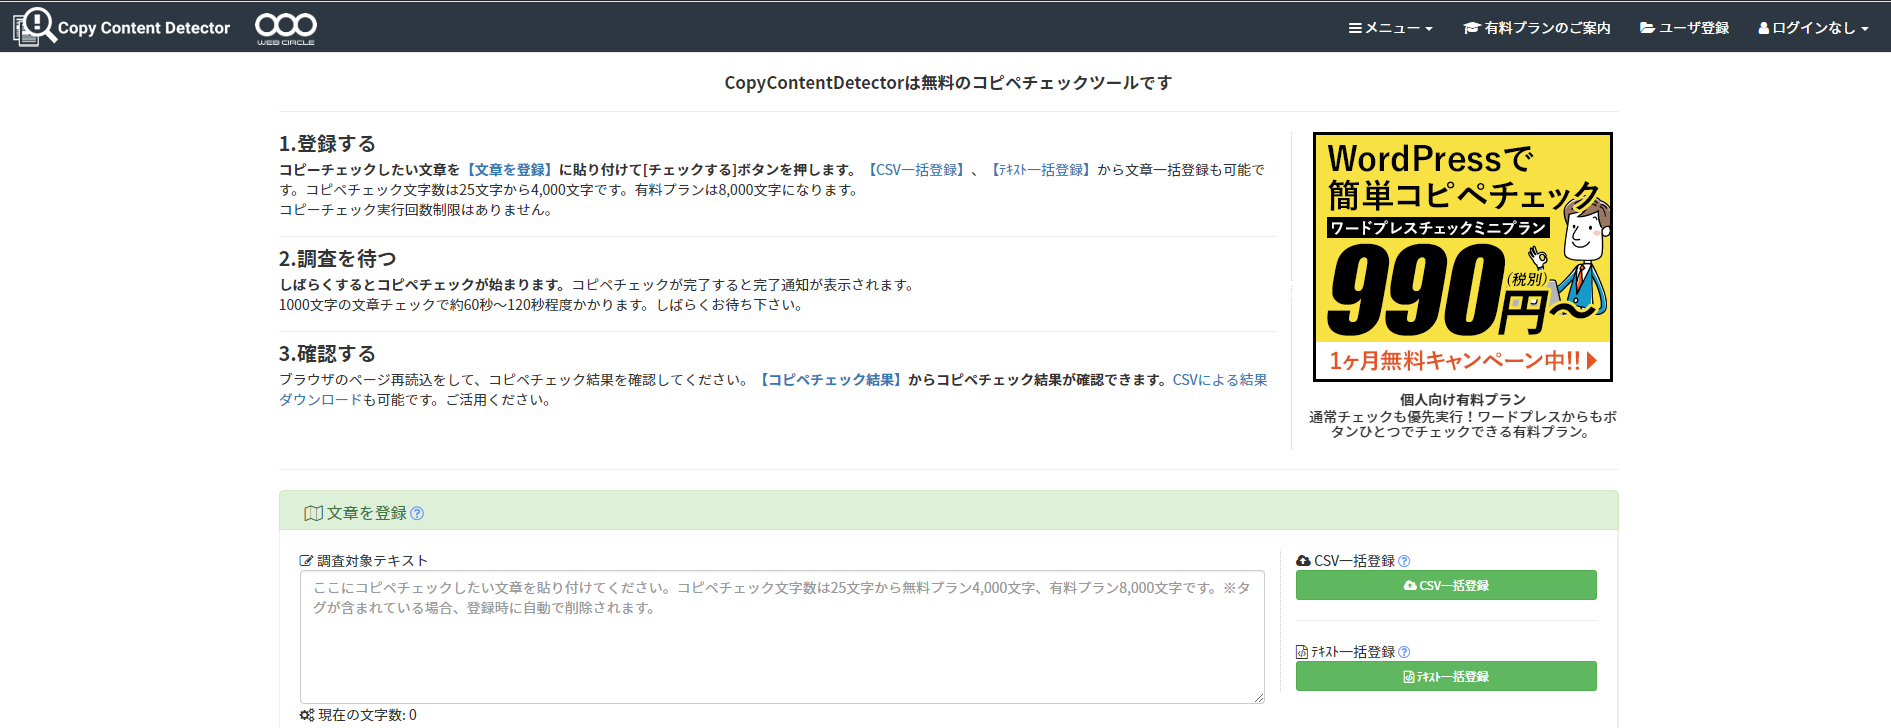 Copy Content Detector